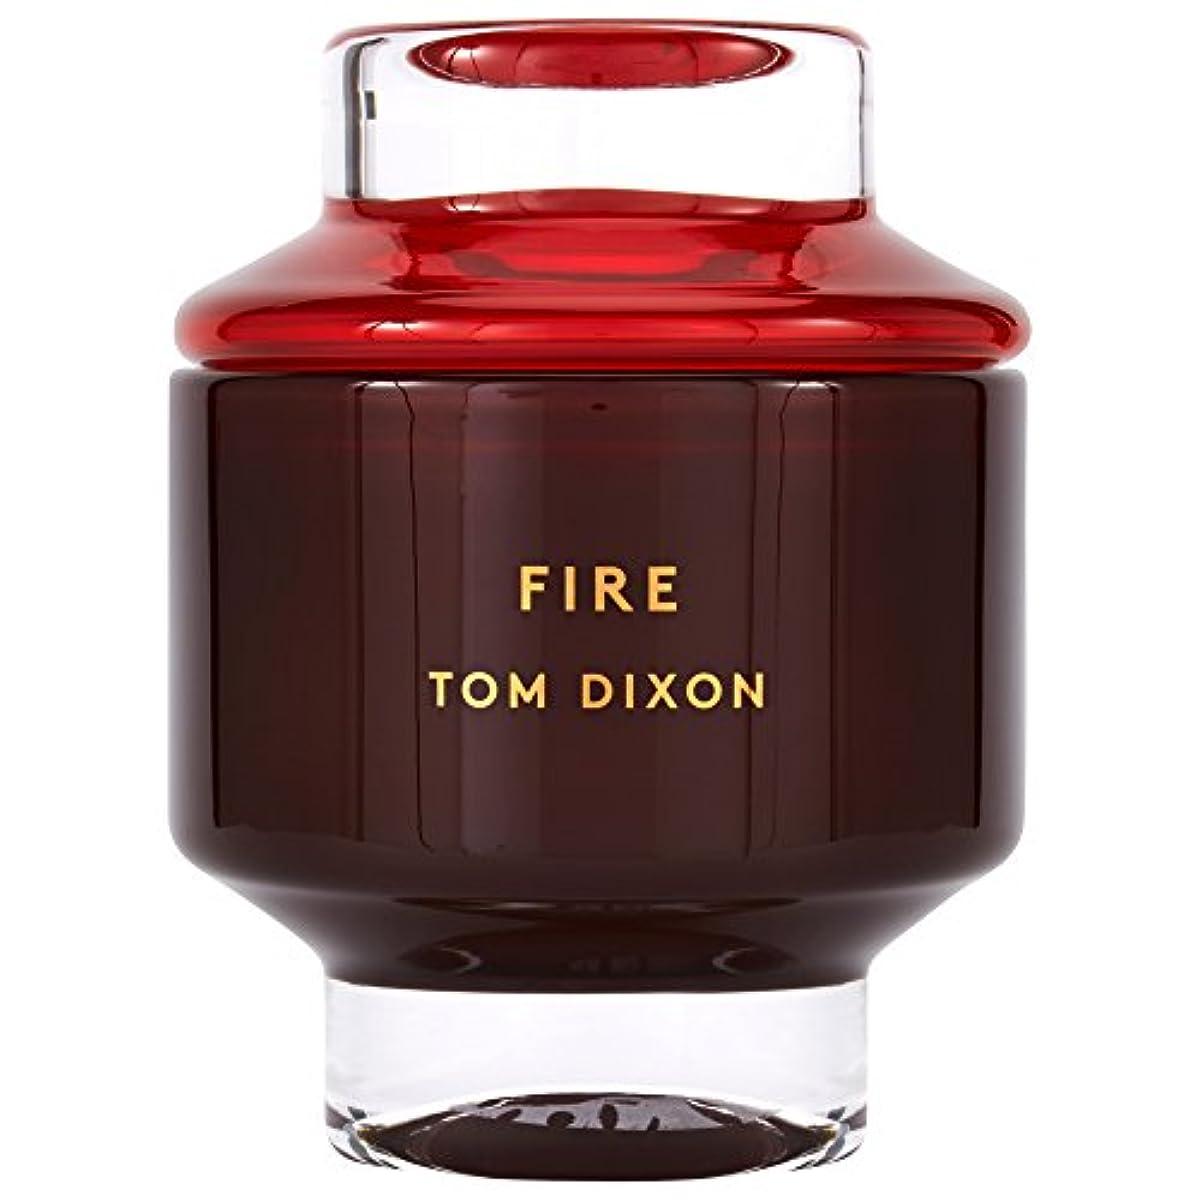 自発徴収ラダTom Dixon Fire Scented Candle Large - トム?ディクソン火災大型香りのキャンドル [並行輸入品]